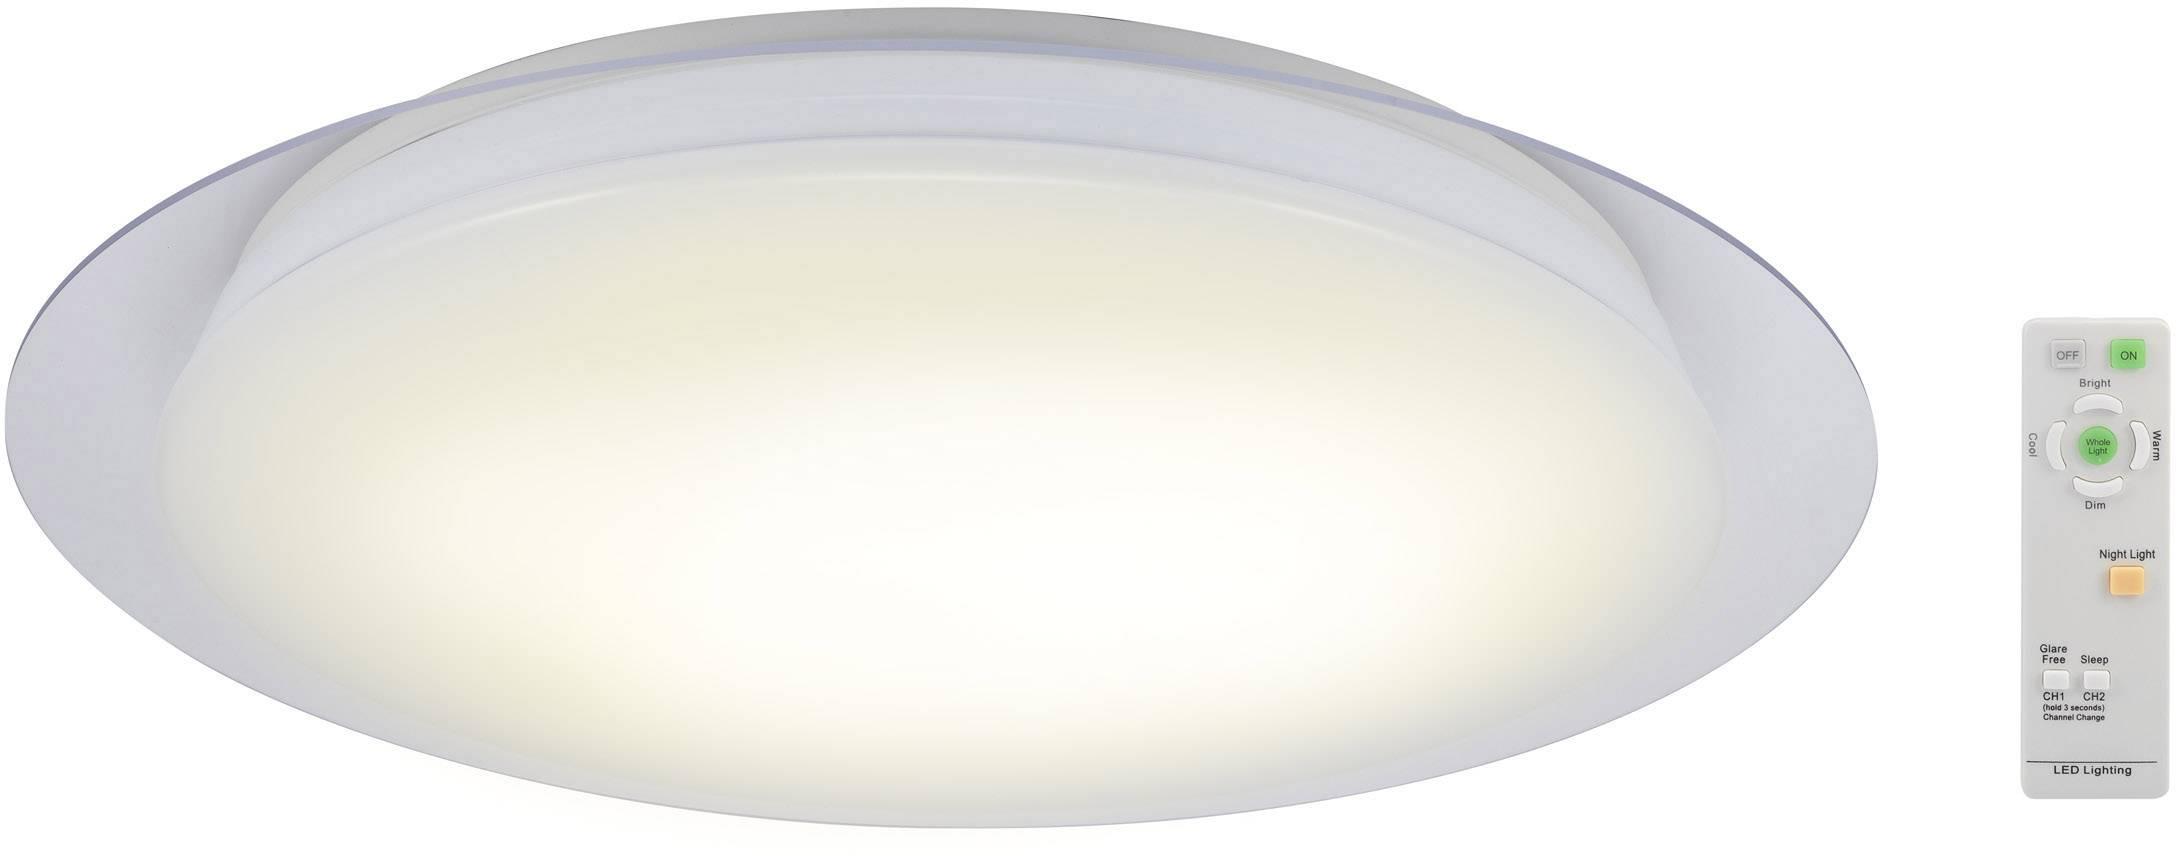 Stropní LED svítidlo Renkforce Malaga 1, 37 W, Ø 51 cm